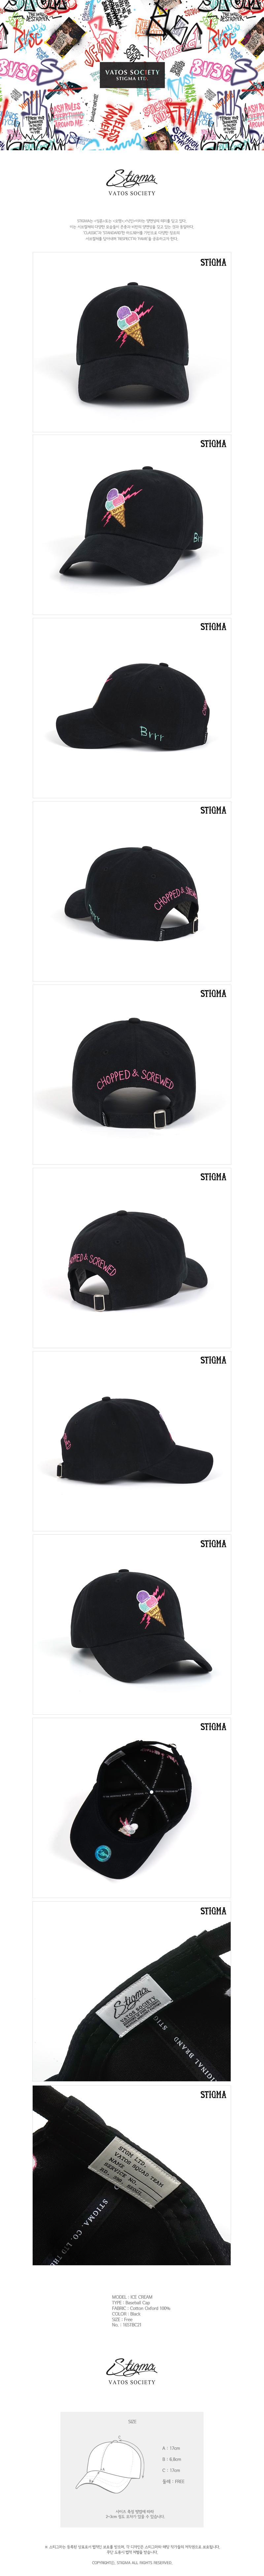 [스티그마]STIGMA ICE CREAM OXFORD BASEBALL CAP BLACK